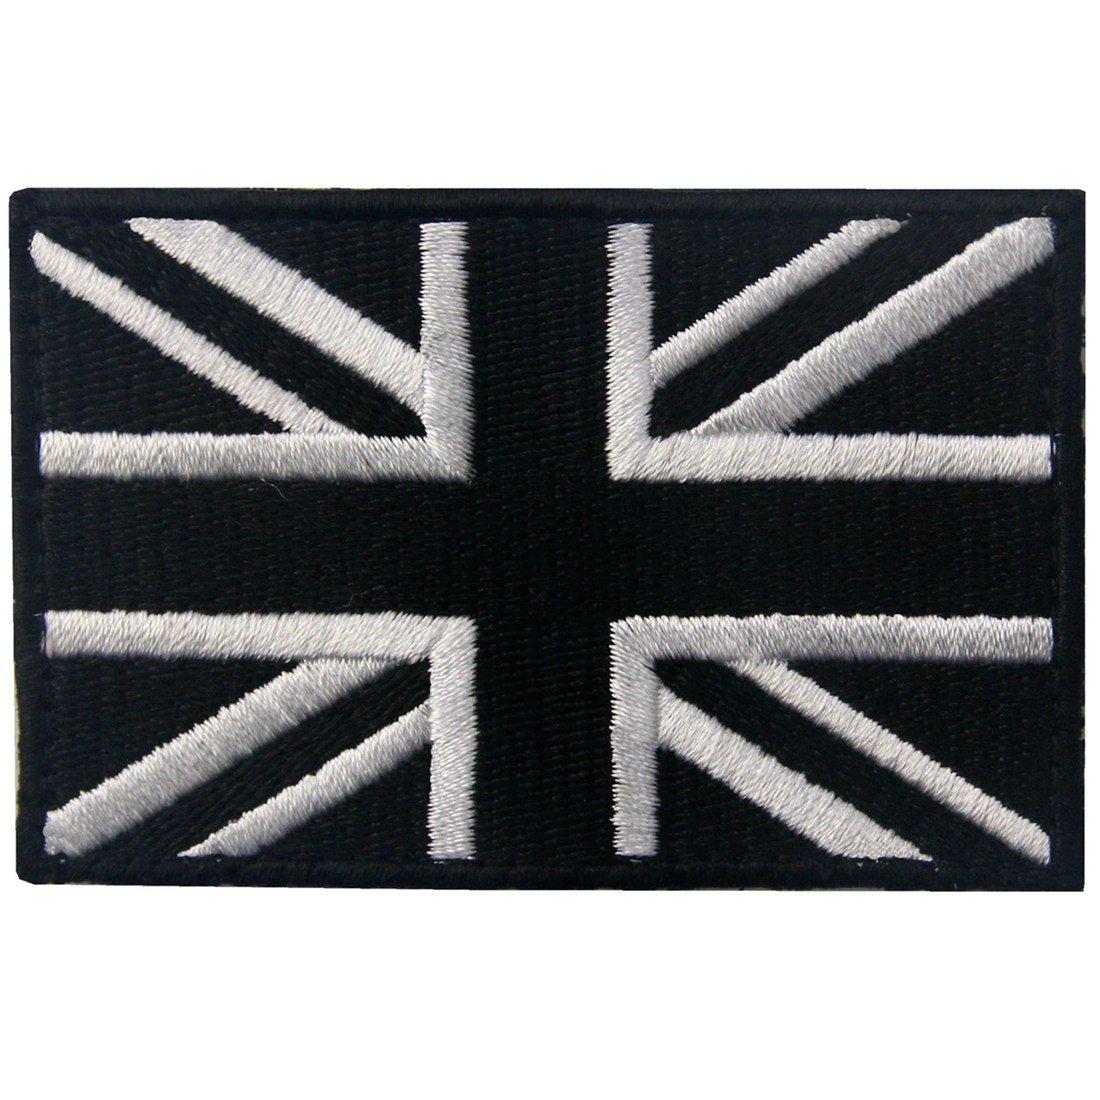 Tactical Great British Union Jack Flag Patch Embroidered Morale Applique Fastener Hook & Loop UK Emblem, White & Black